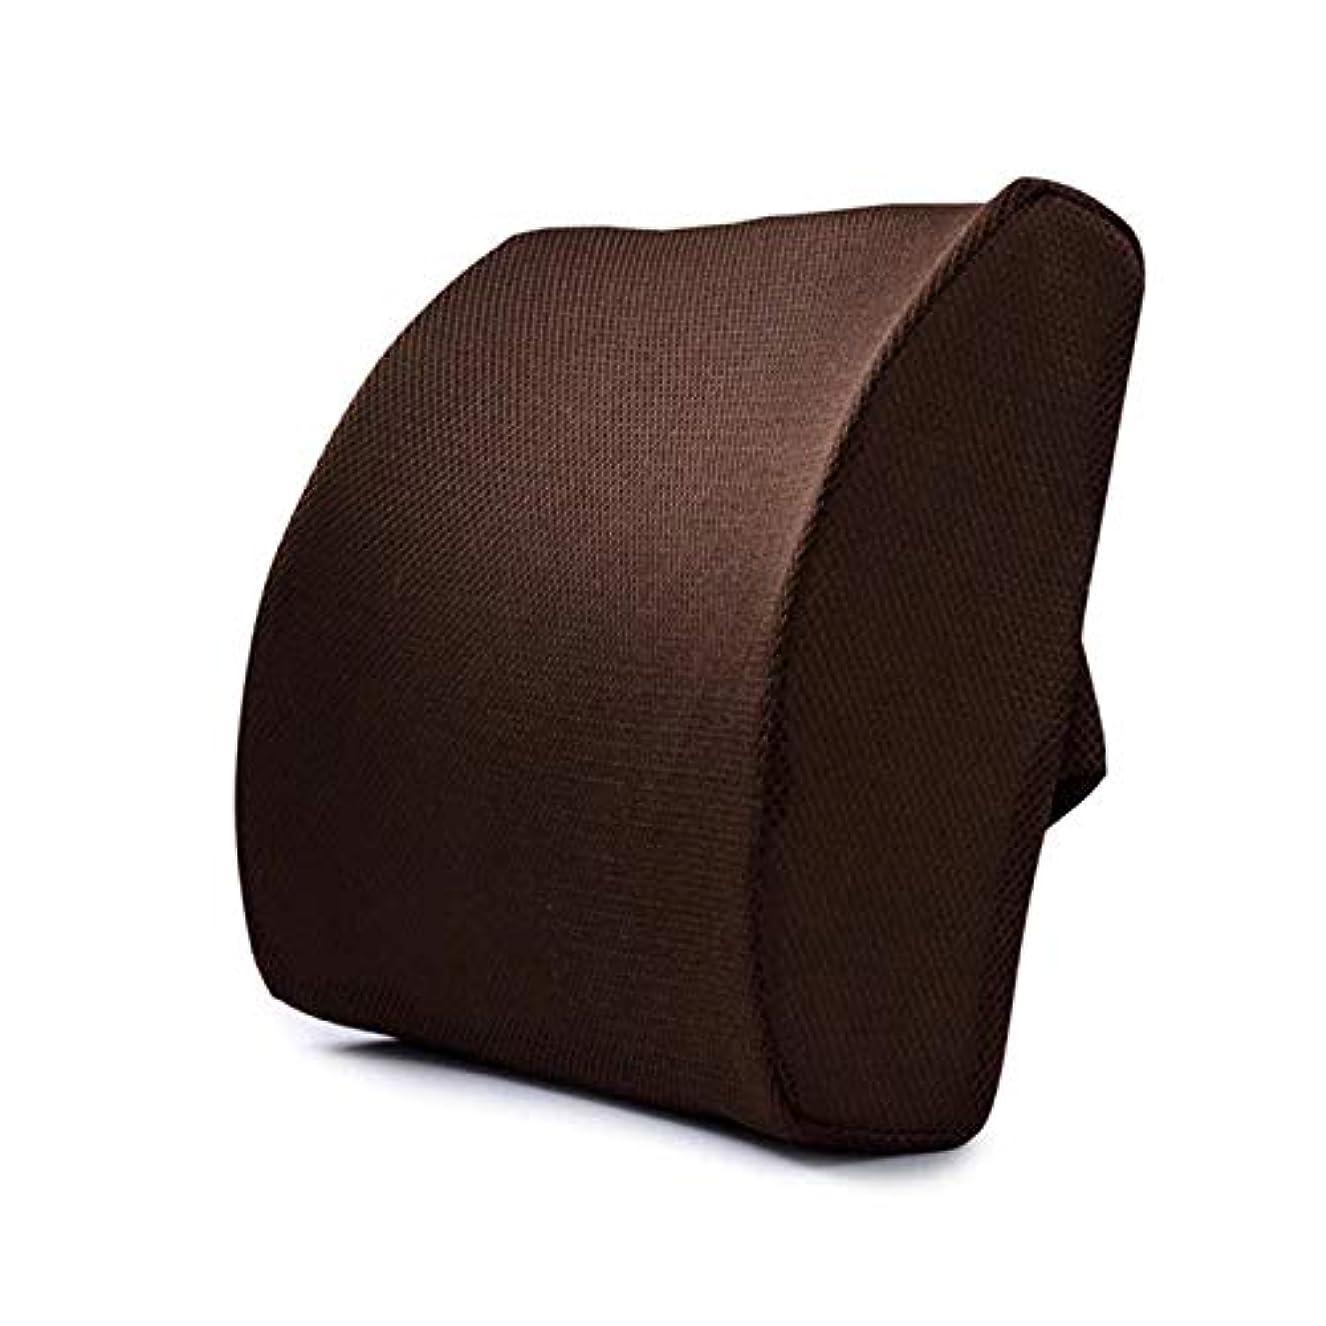 スポークスマン電話に出る試験LIFE ホームオフィス背もたれ椅子腰椎クッションカーシートネック枕 3D 低反発サポートバックマッサージウエストレスリビング枕 クッション 椅子